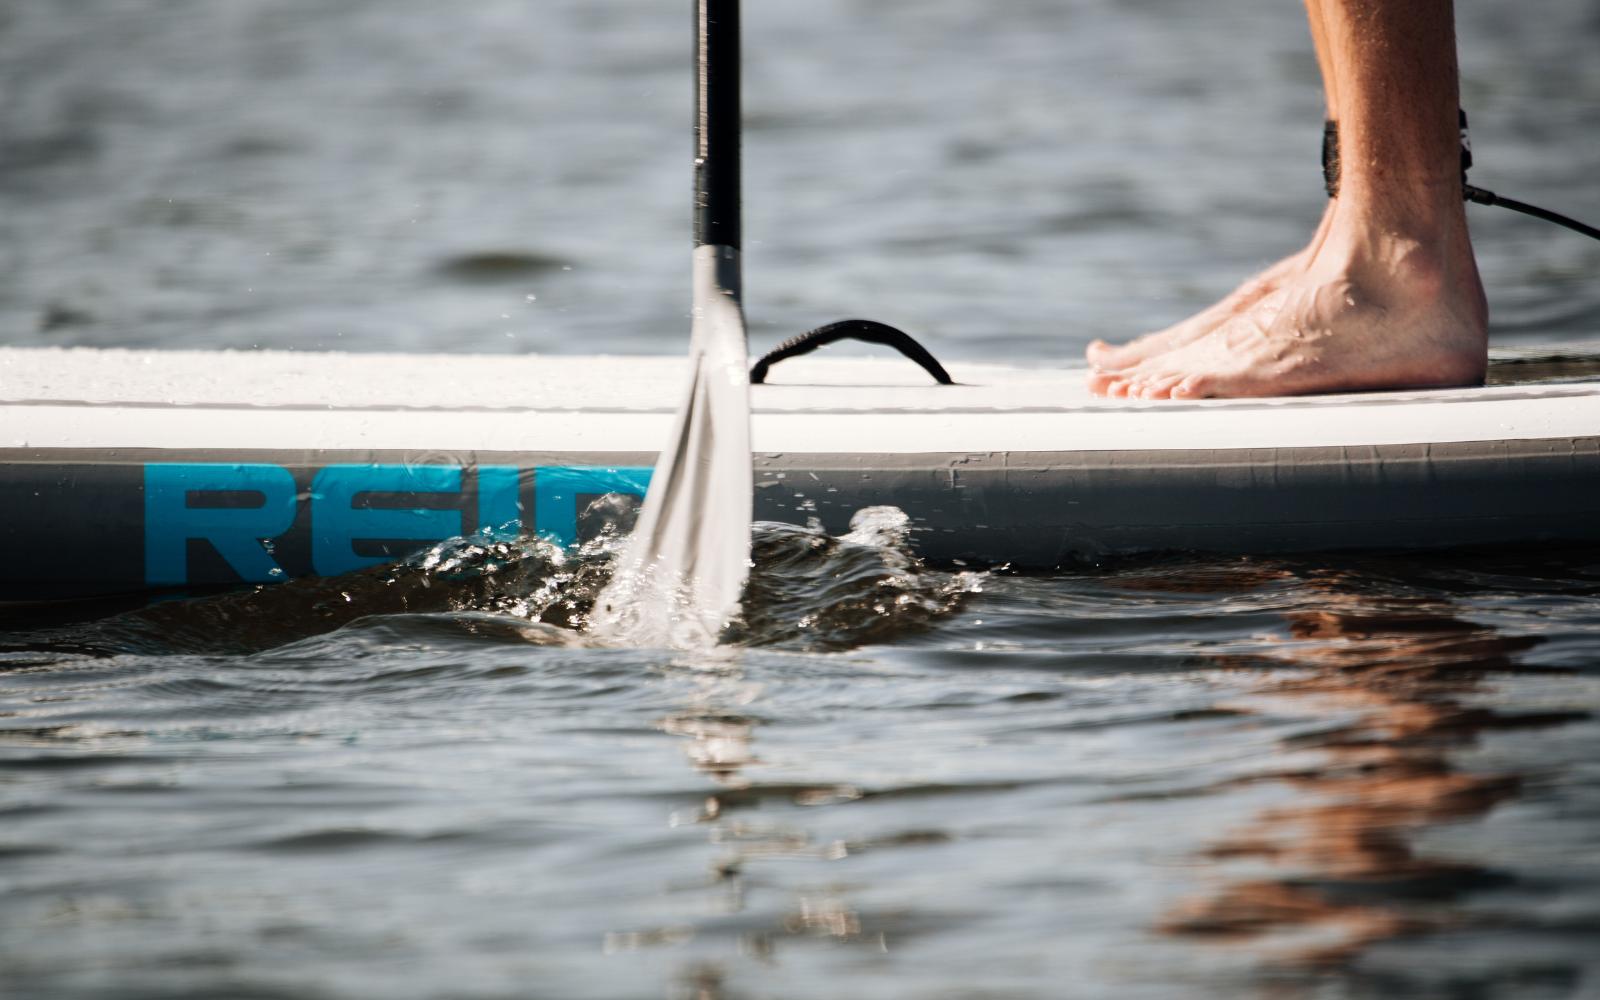 4 35 - Reid ® - Reid Bondi 10'6 Paddleboard